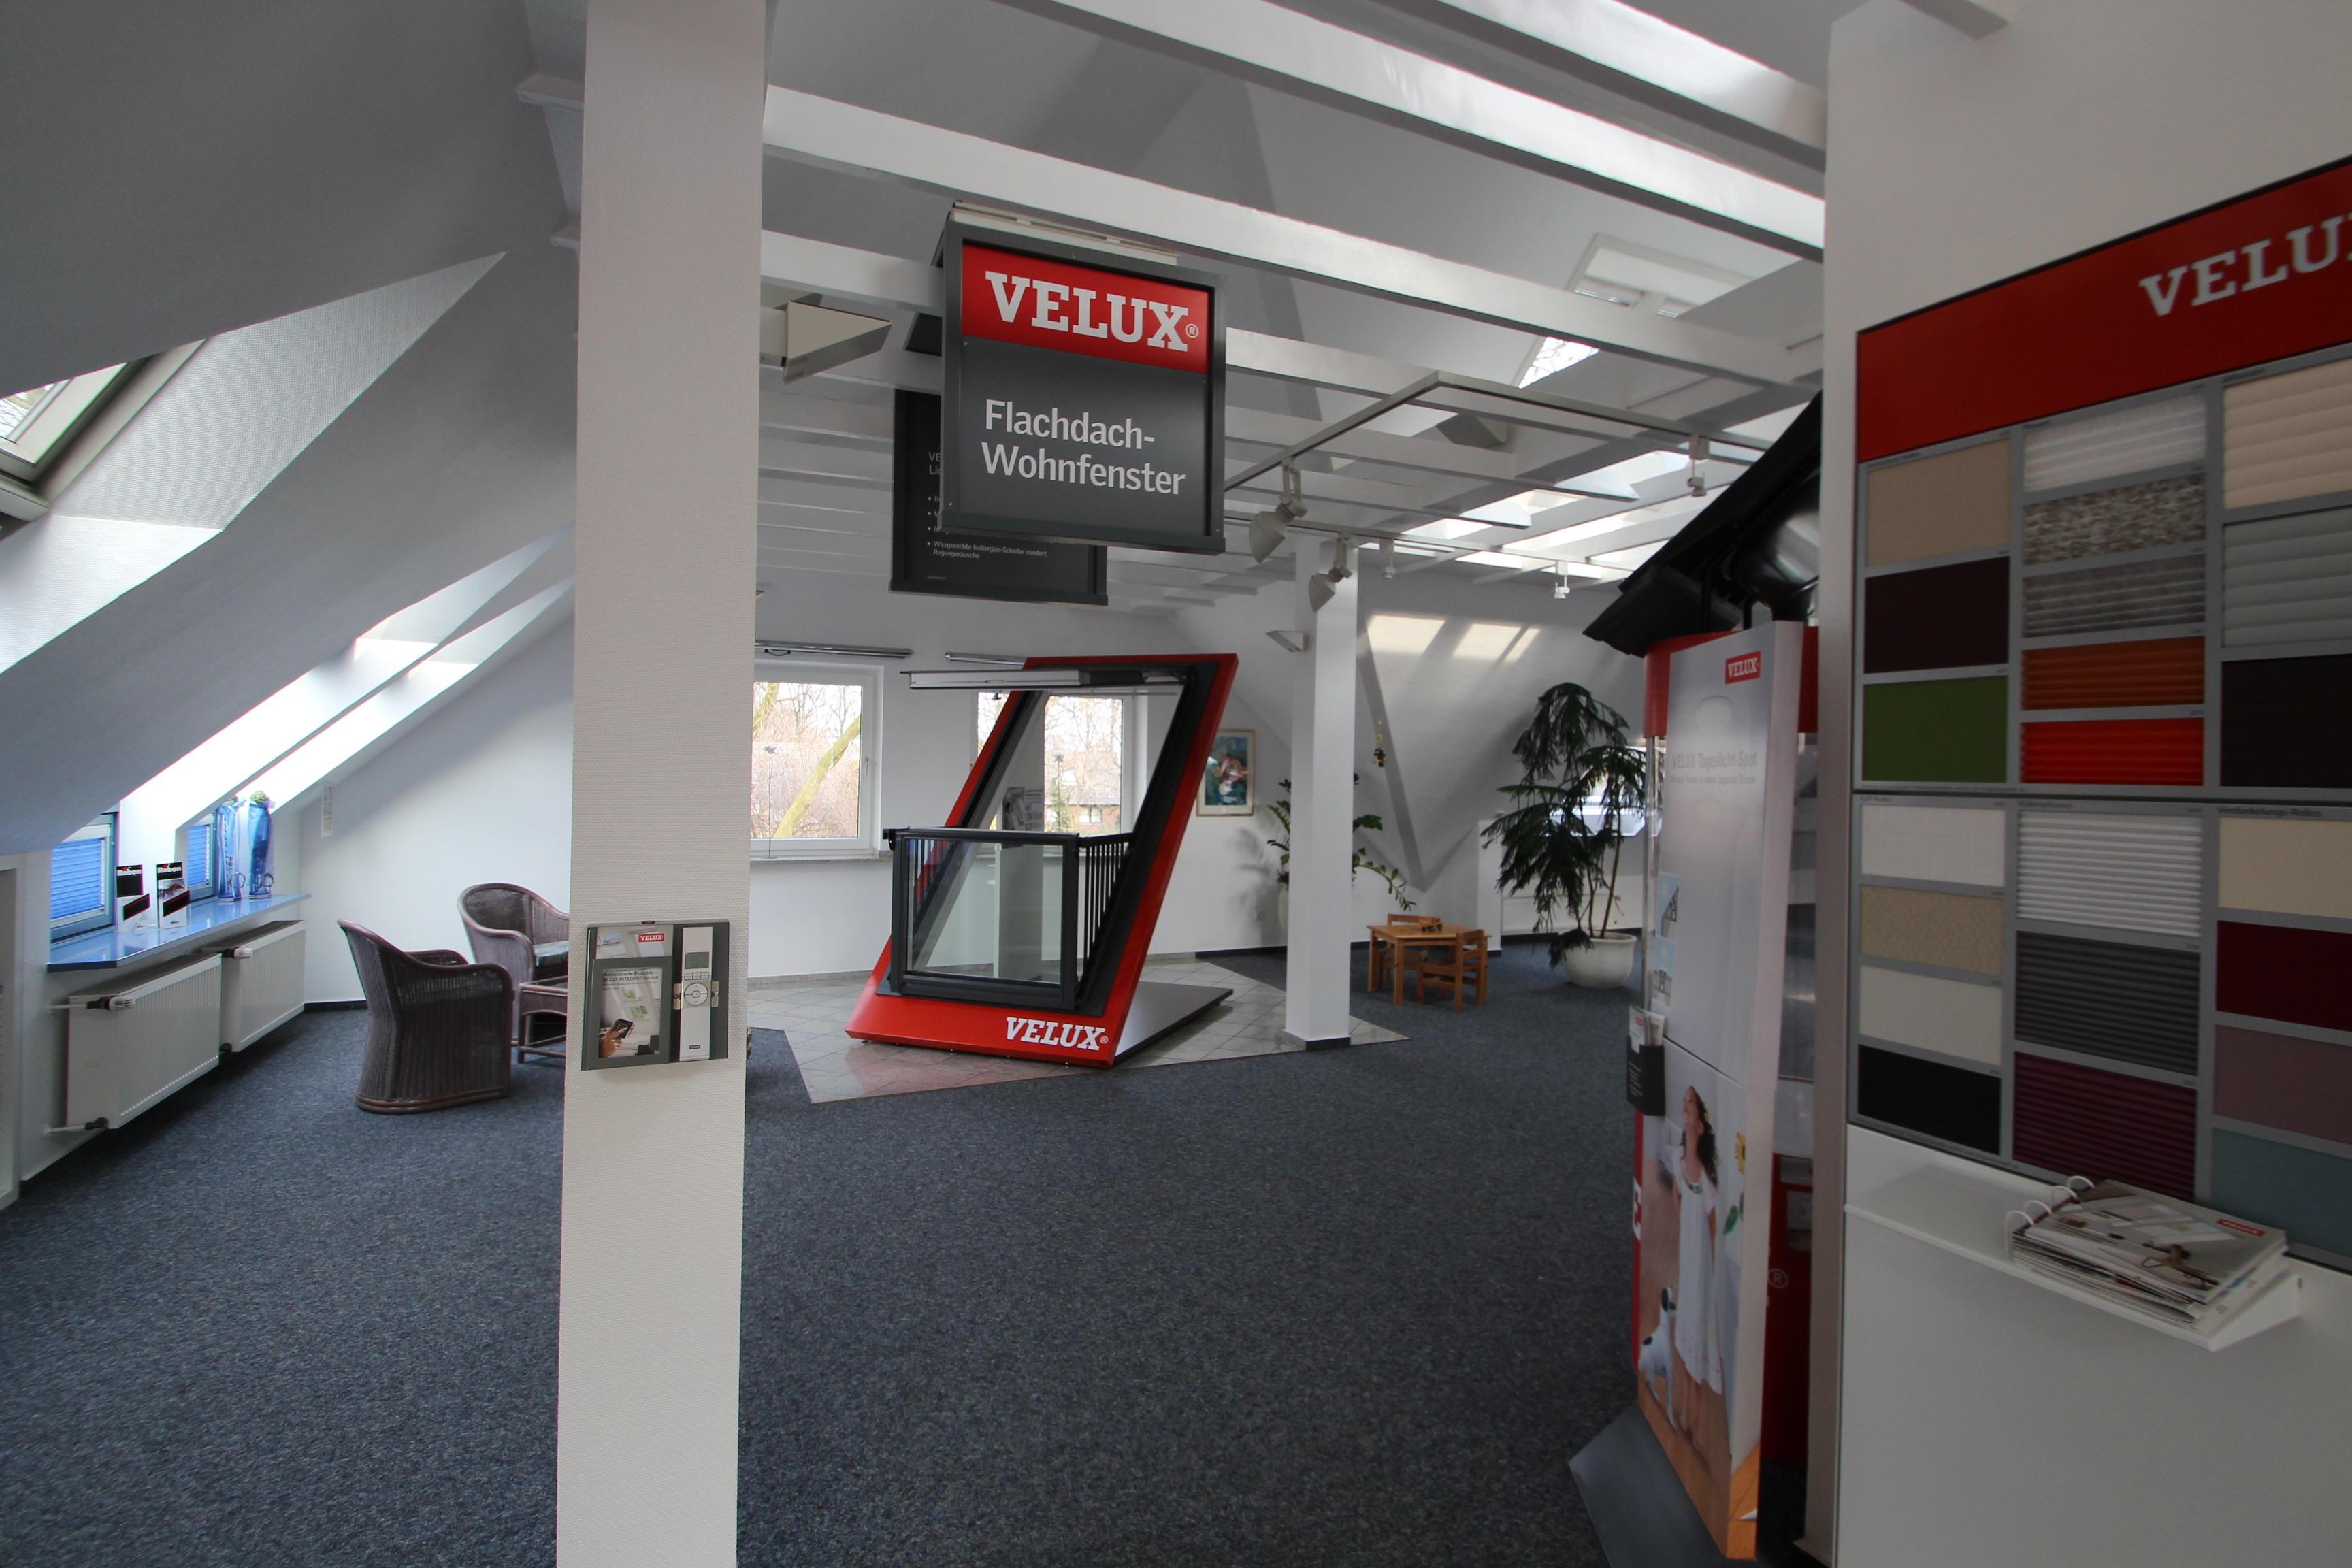 bauen leben gmbh co kg adolfstra e 6 47198 duisburg. Black Bedroom Furniture Sets. Home Design Ideas